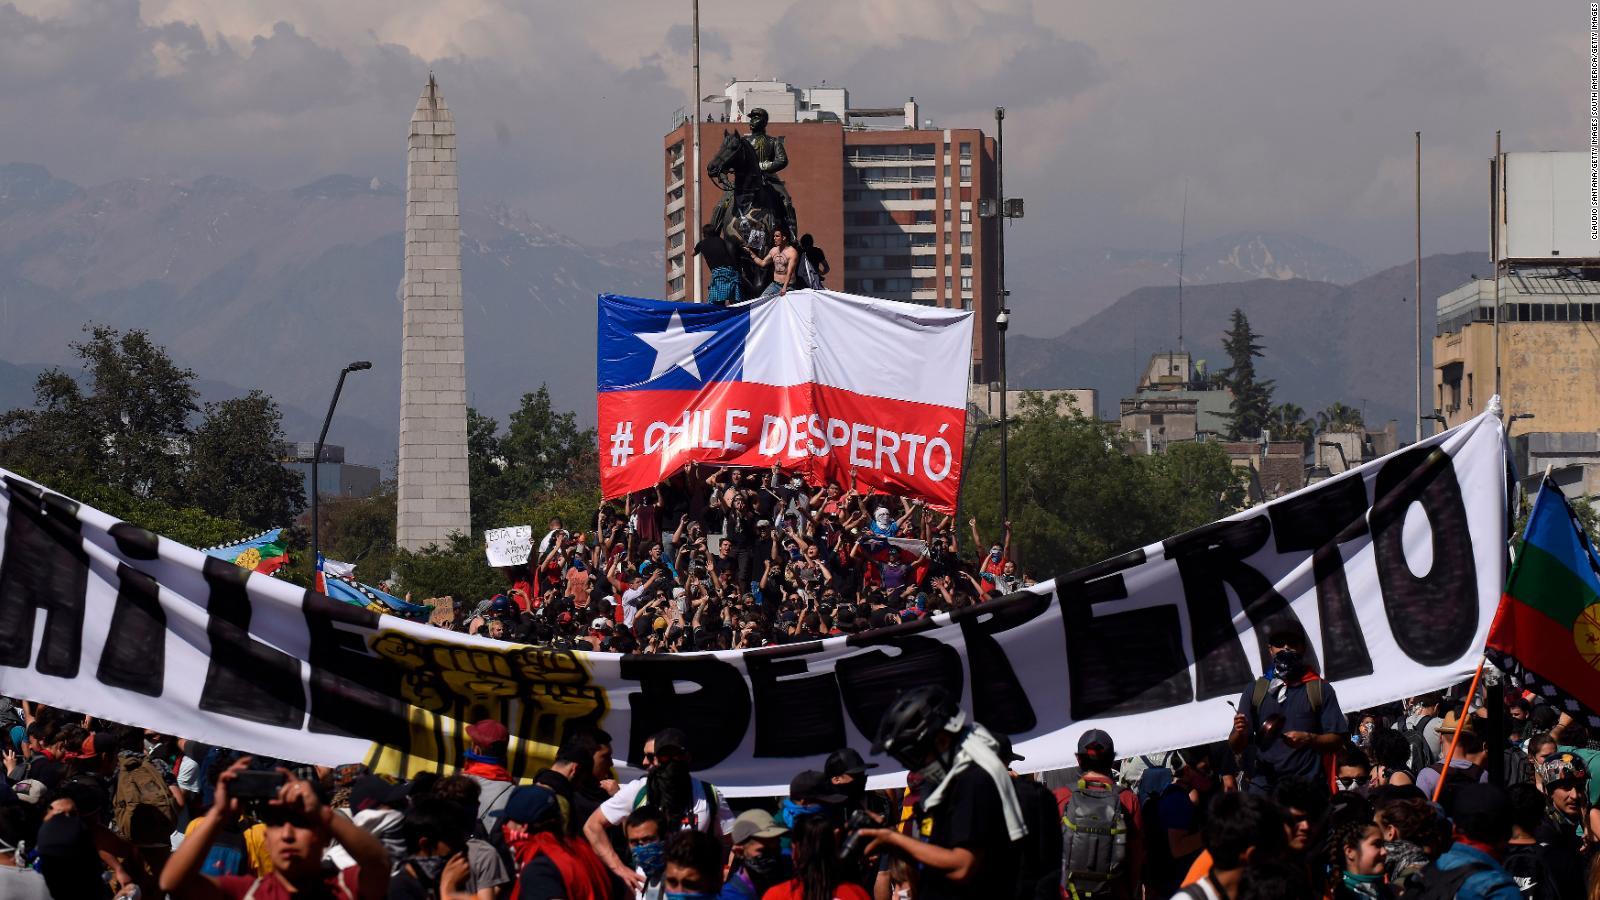 191022184222-cnndinero-chile-crisis-102219-dinero-only-full-169